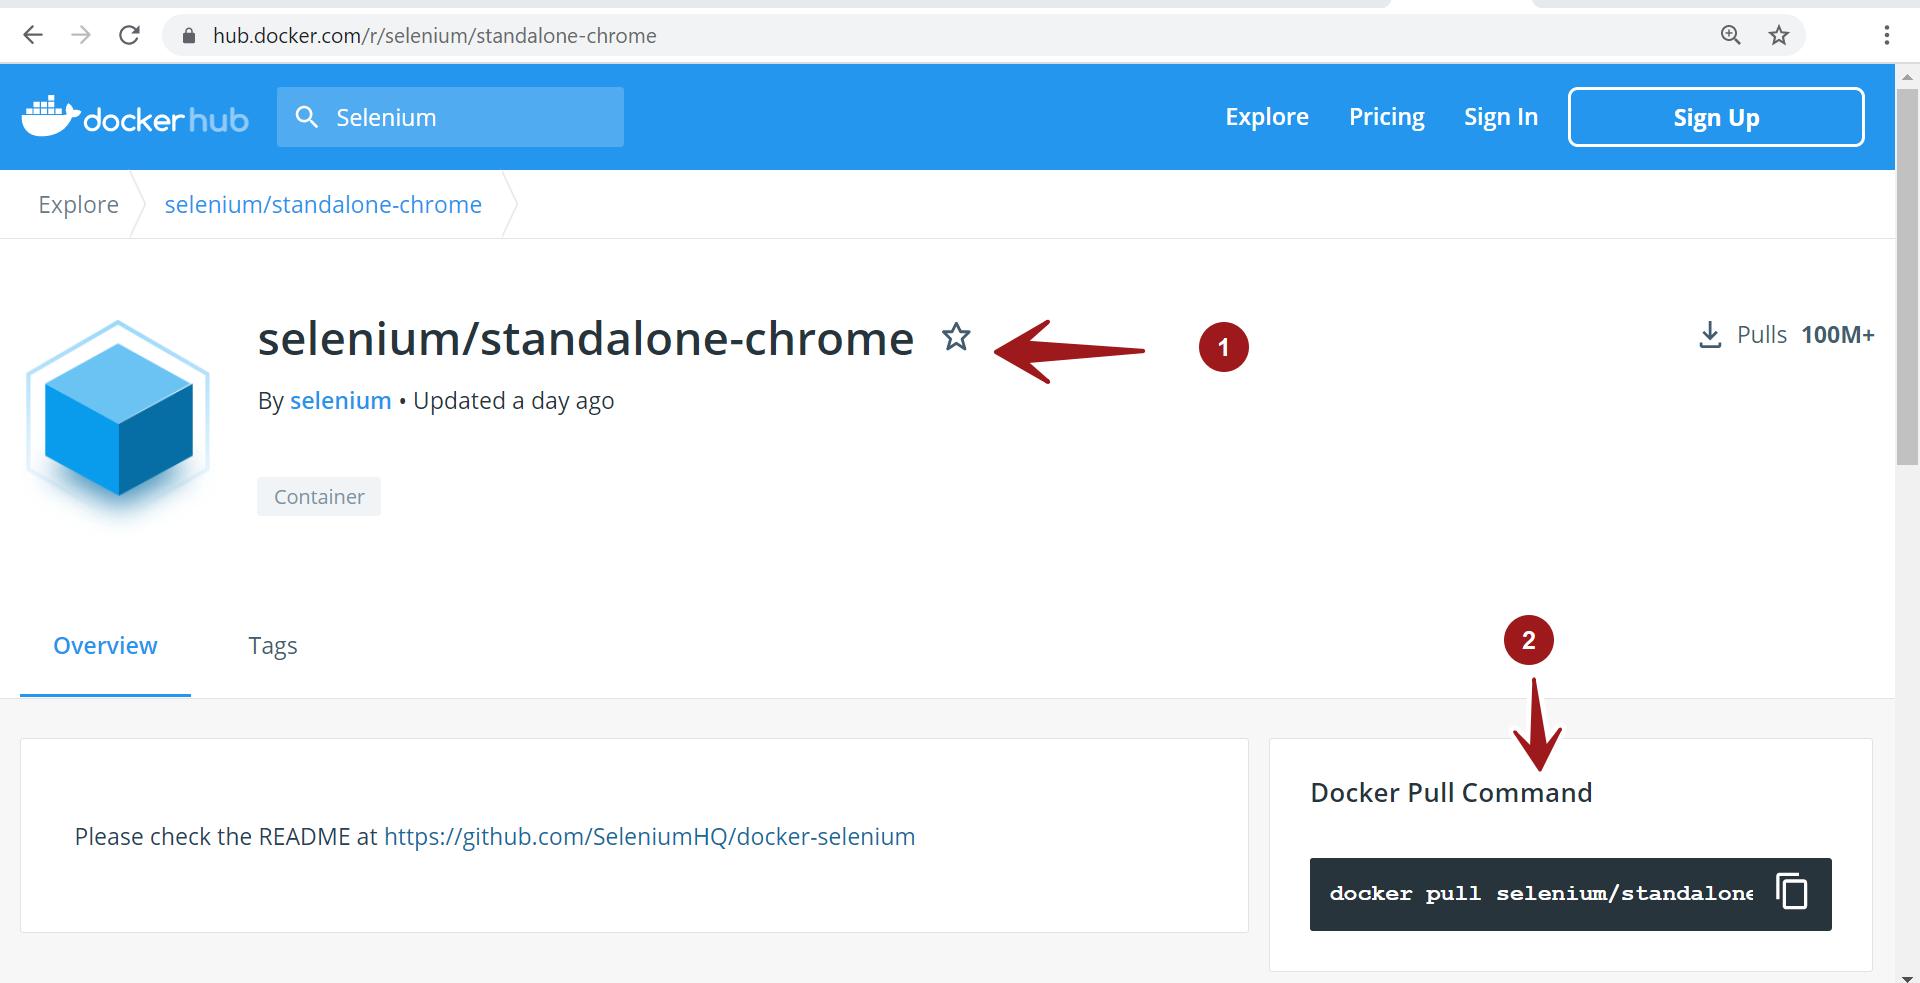 Docker Hub Standalone Chrome